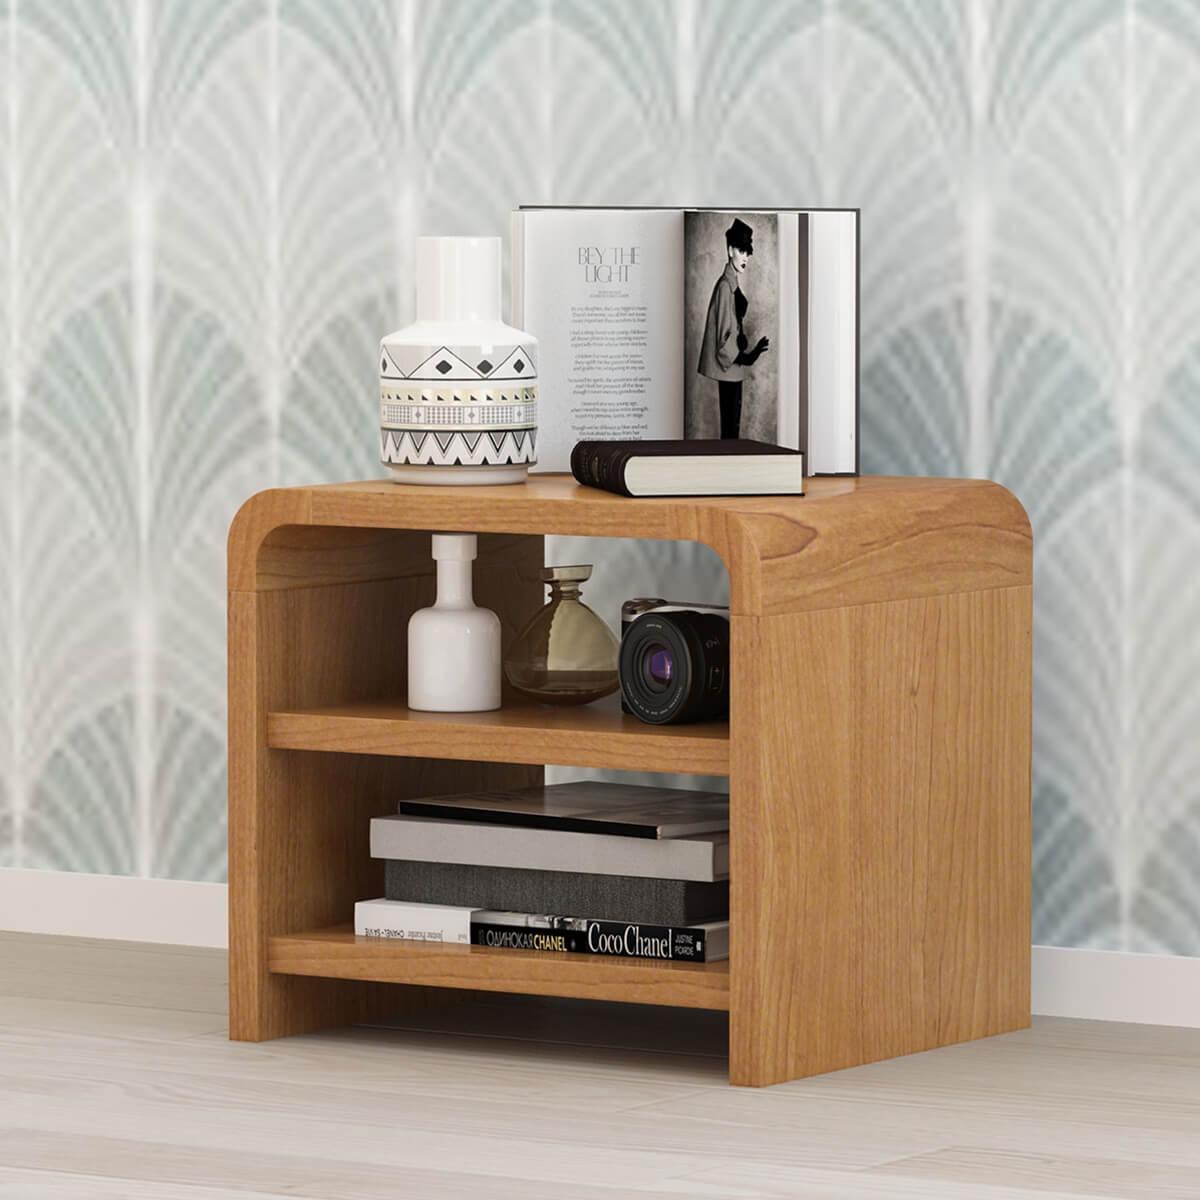 Rebersburg Solid Teak Wood 3 Tier Nightstand With Open Shelves